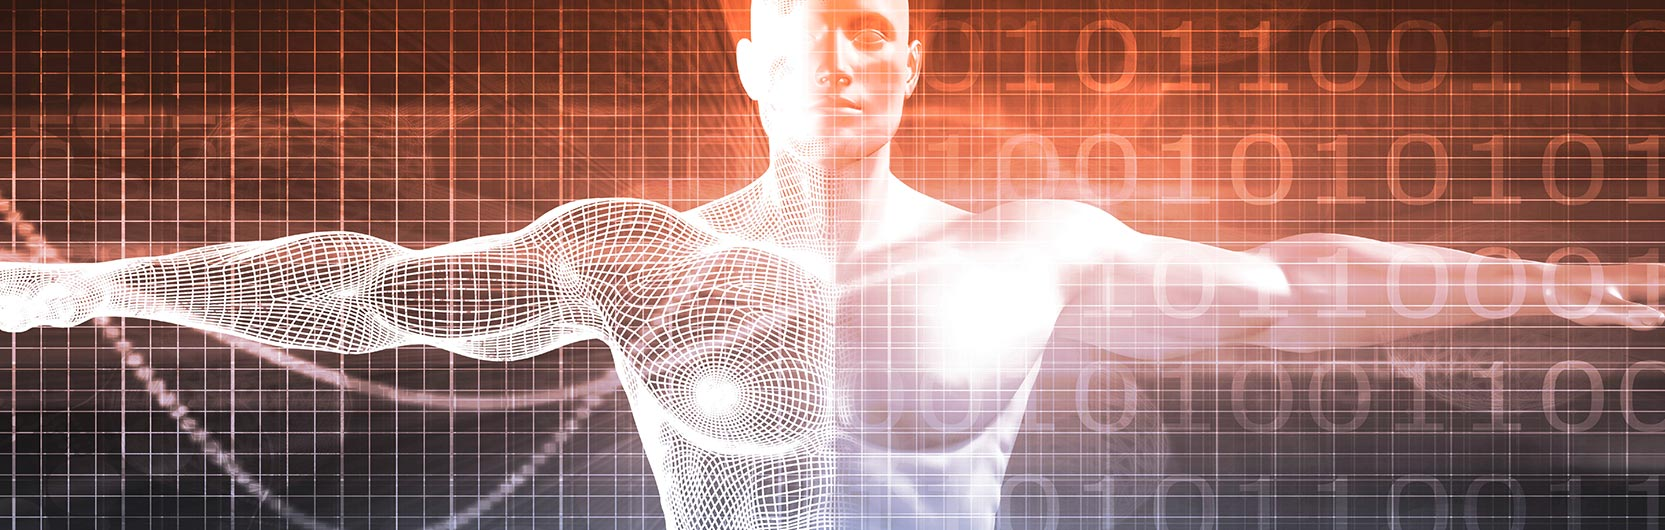 Insuring Digital Health 2021